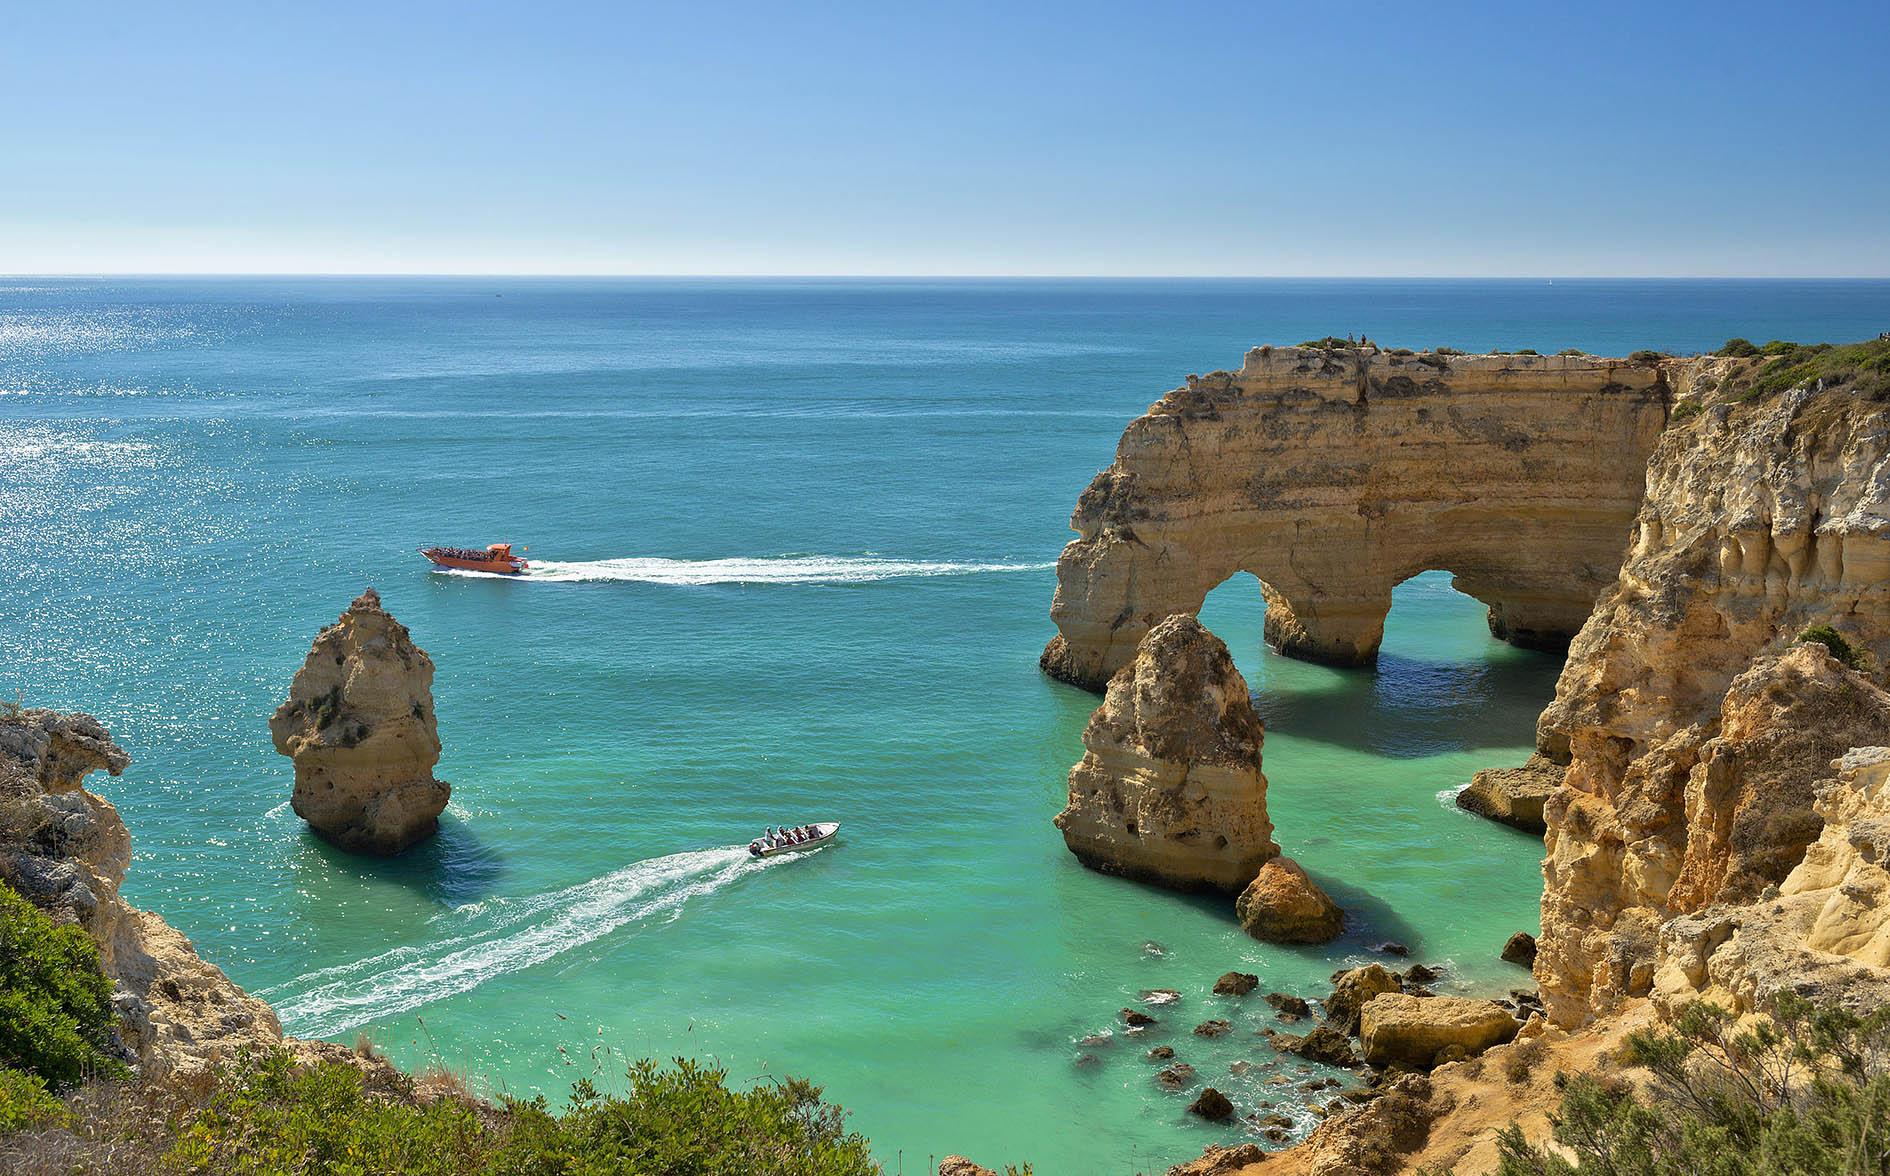 Praia da Marinha, the Algarve coast